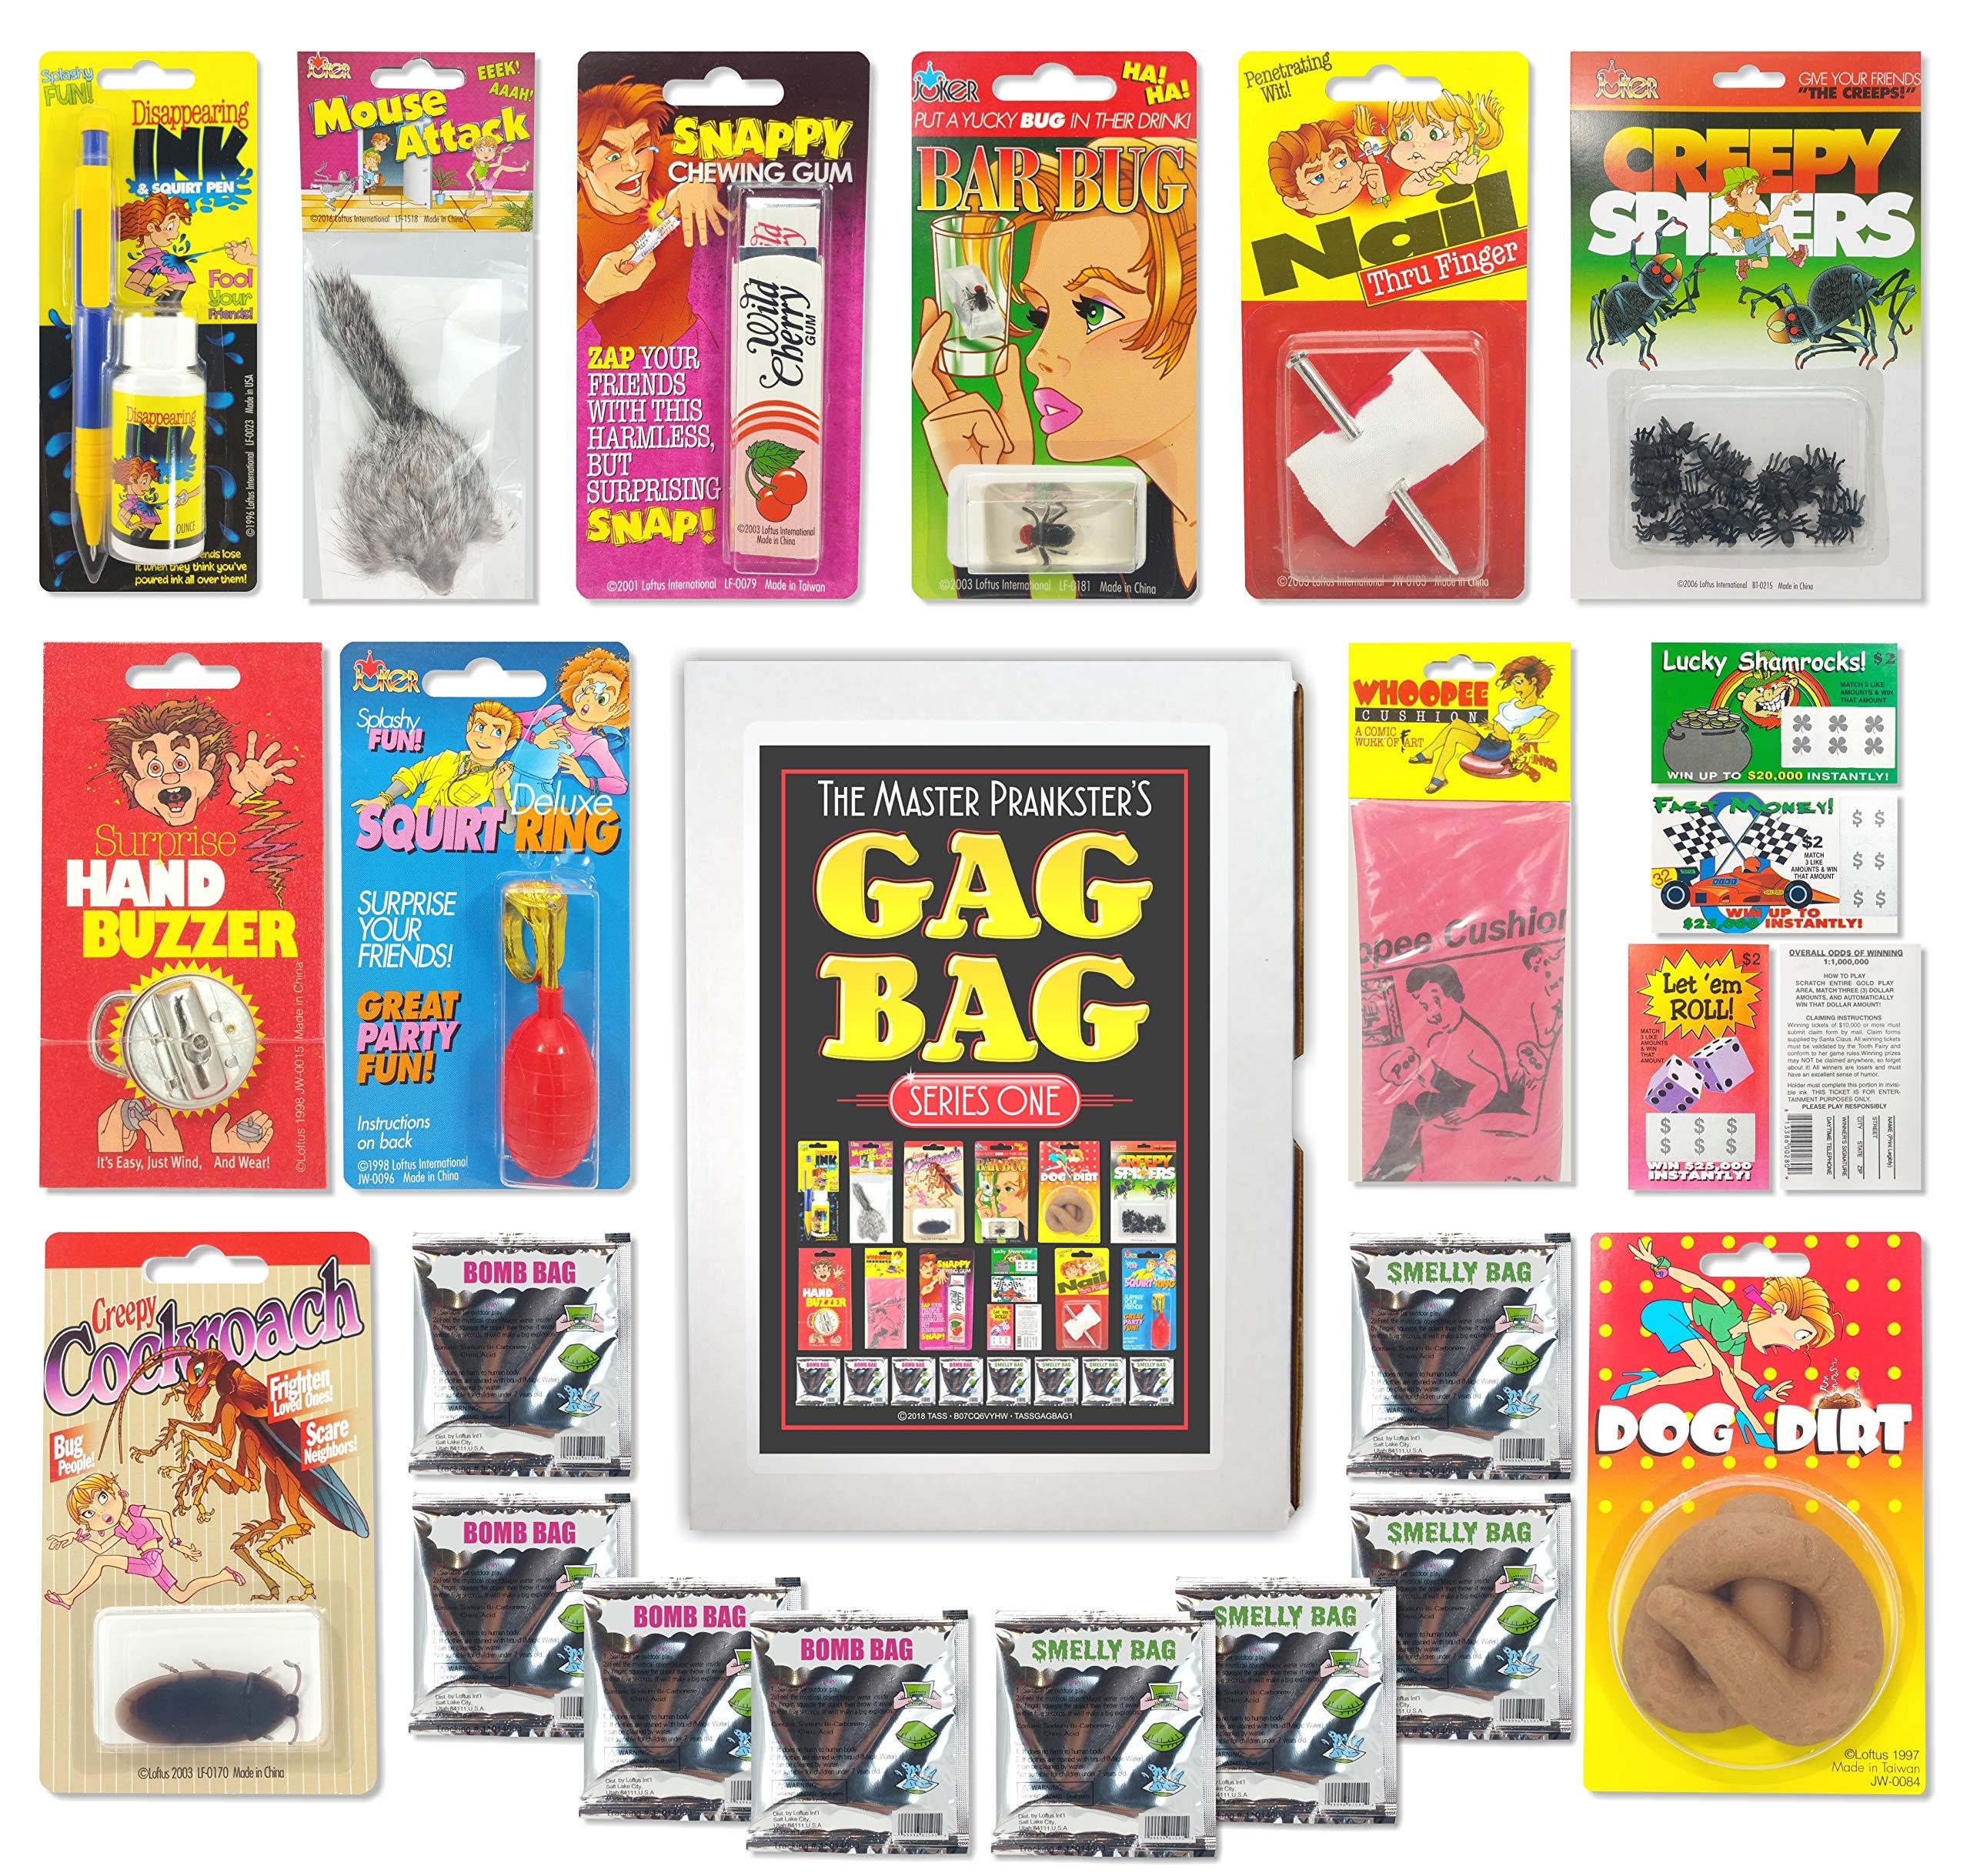 TASS The Master Prankster's Gag Bag Series One Prank Kit, Box, Pack, Gift, Set Funny Classic & New Novelties Jokes by TASS